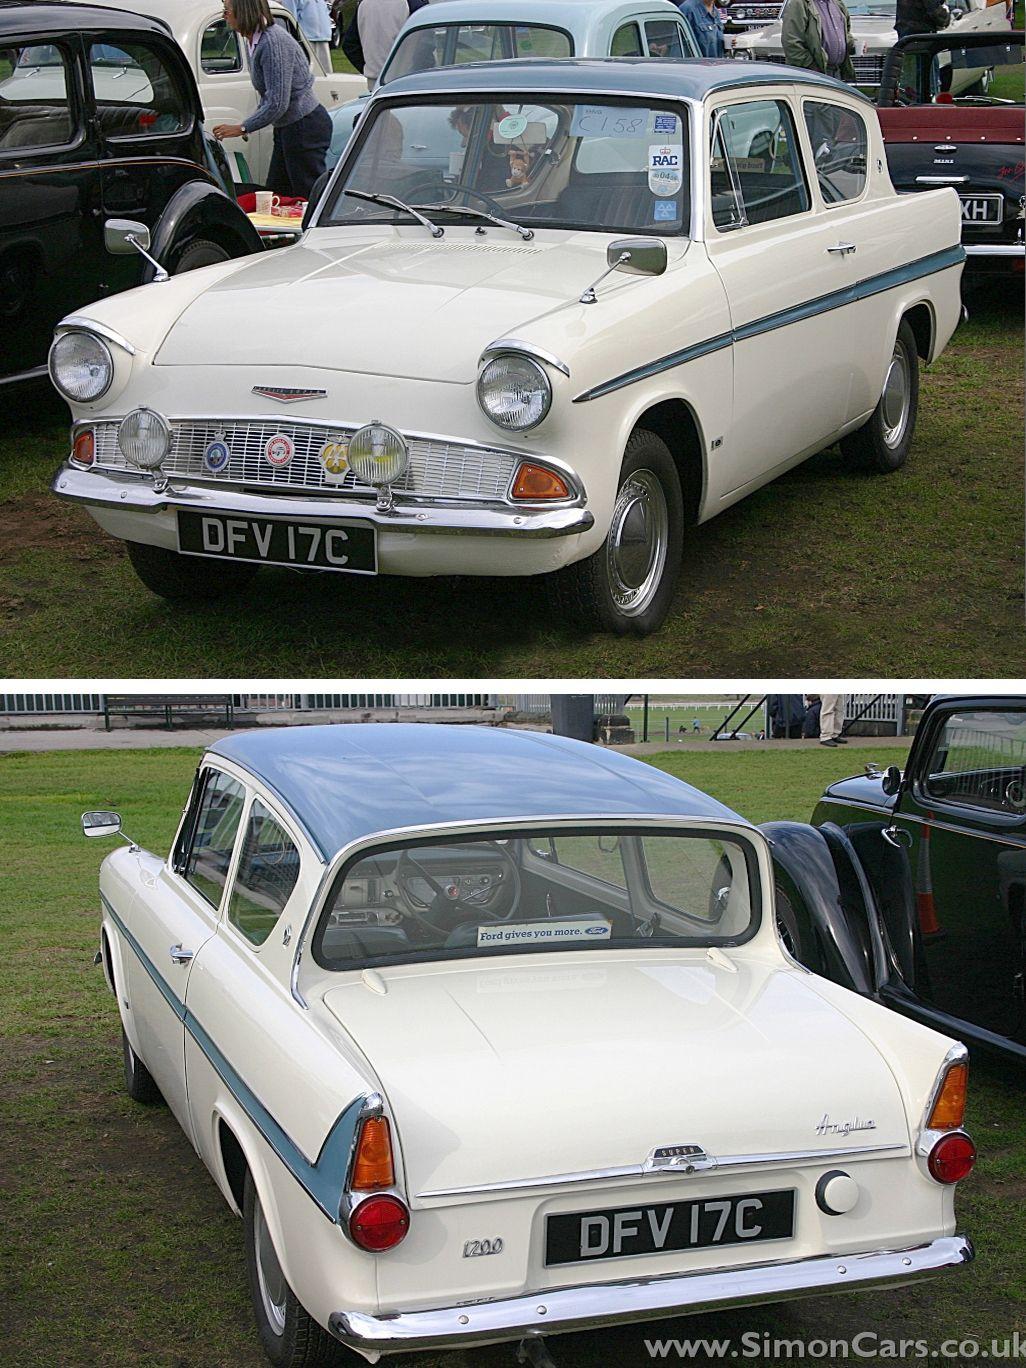 1965 Ford Anglia 123e Super Ford Anglia Classic Cars British Cars